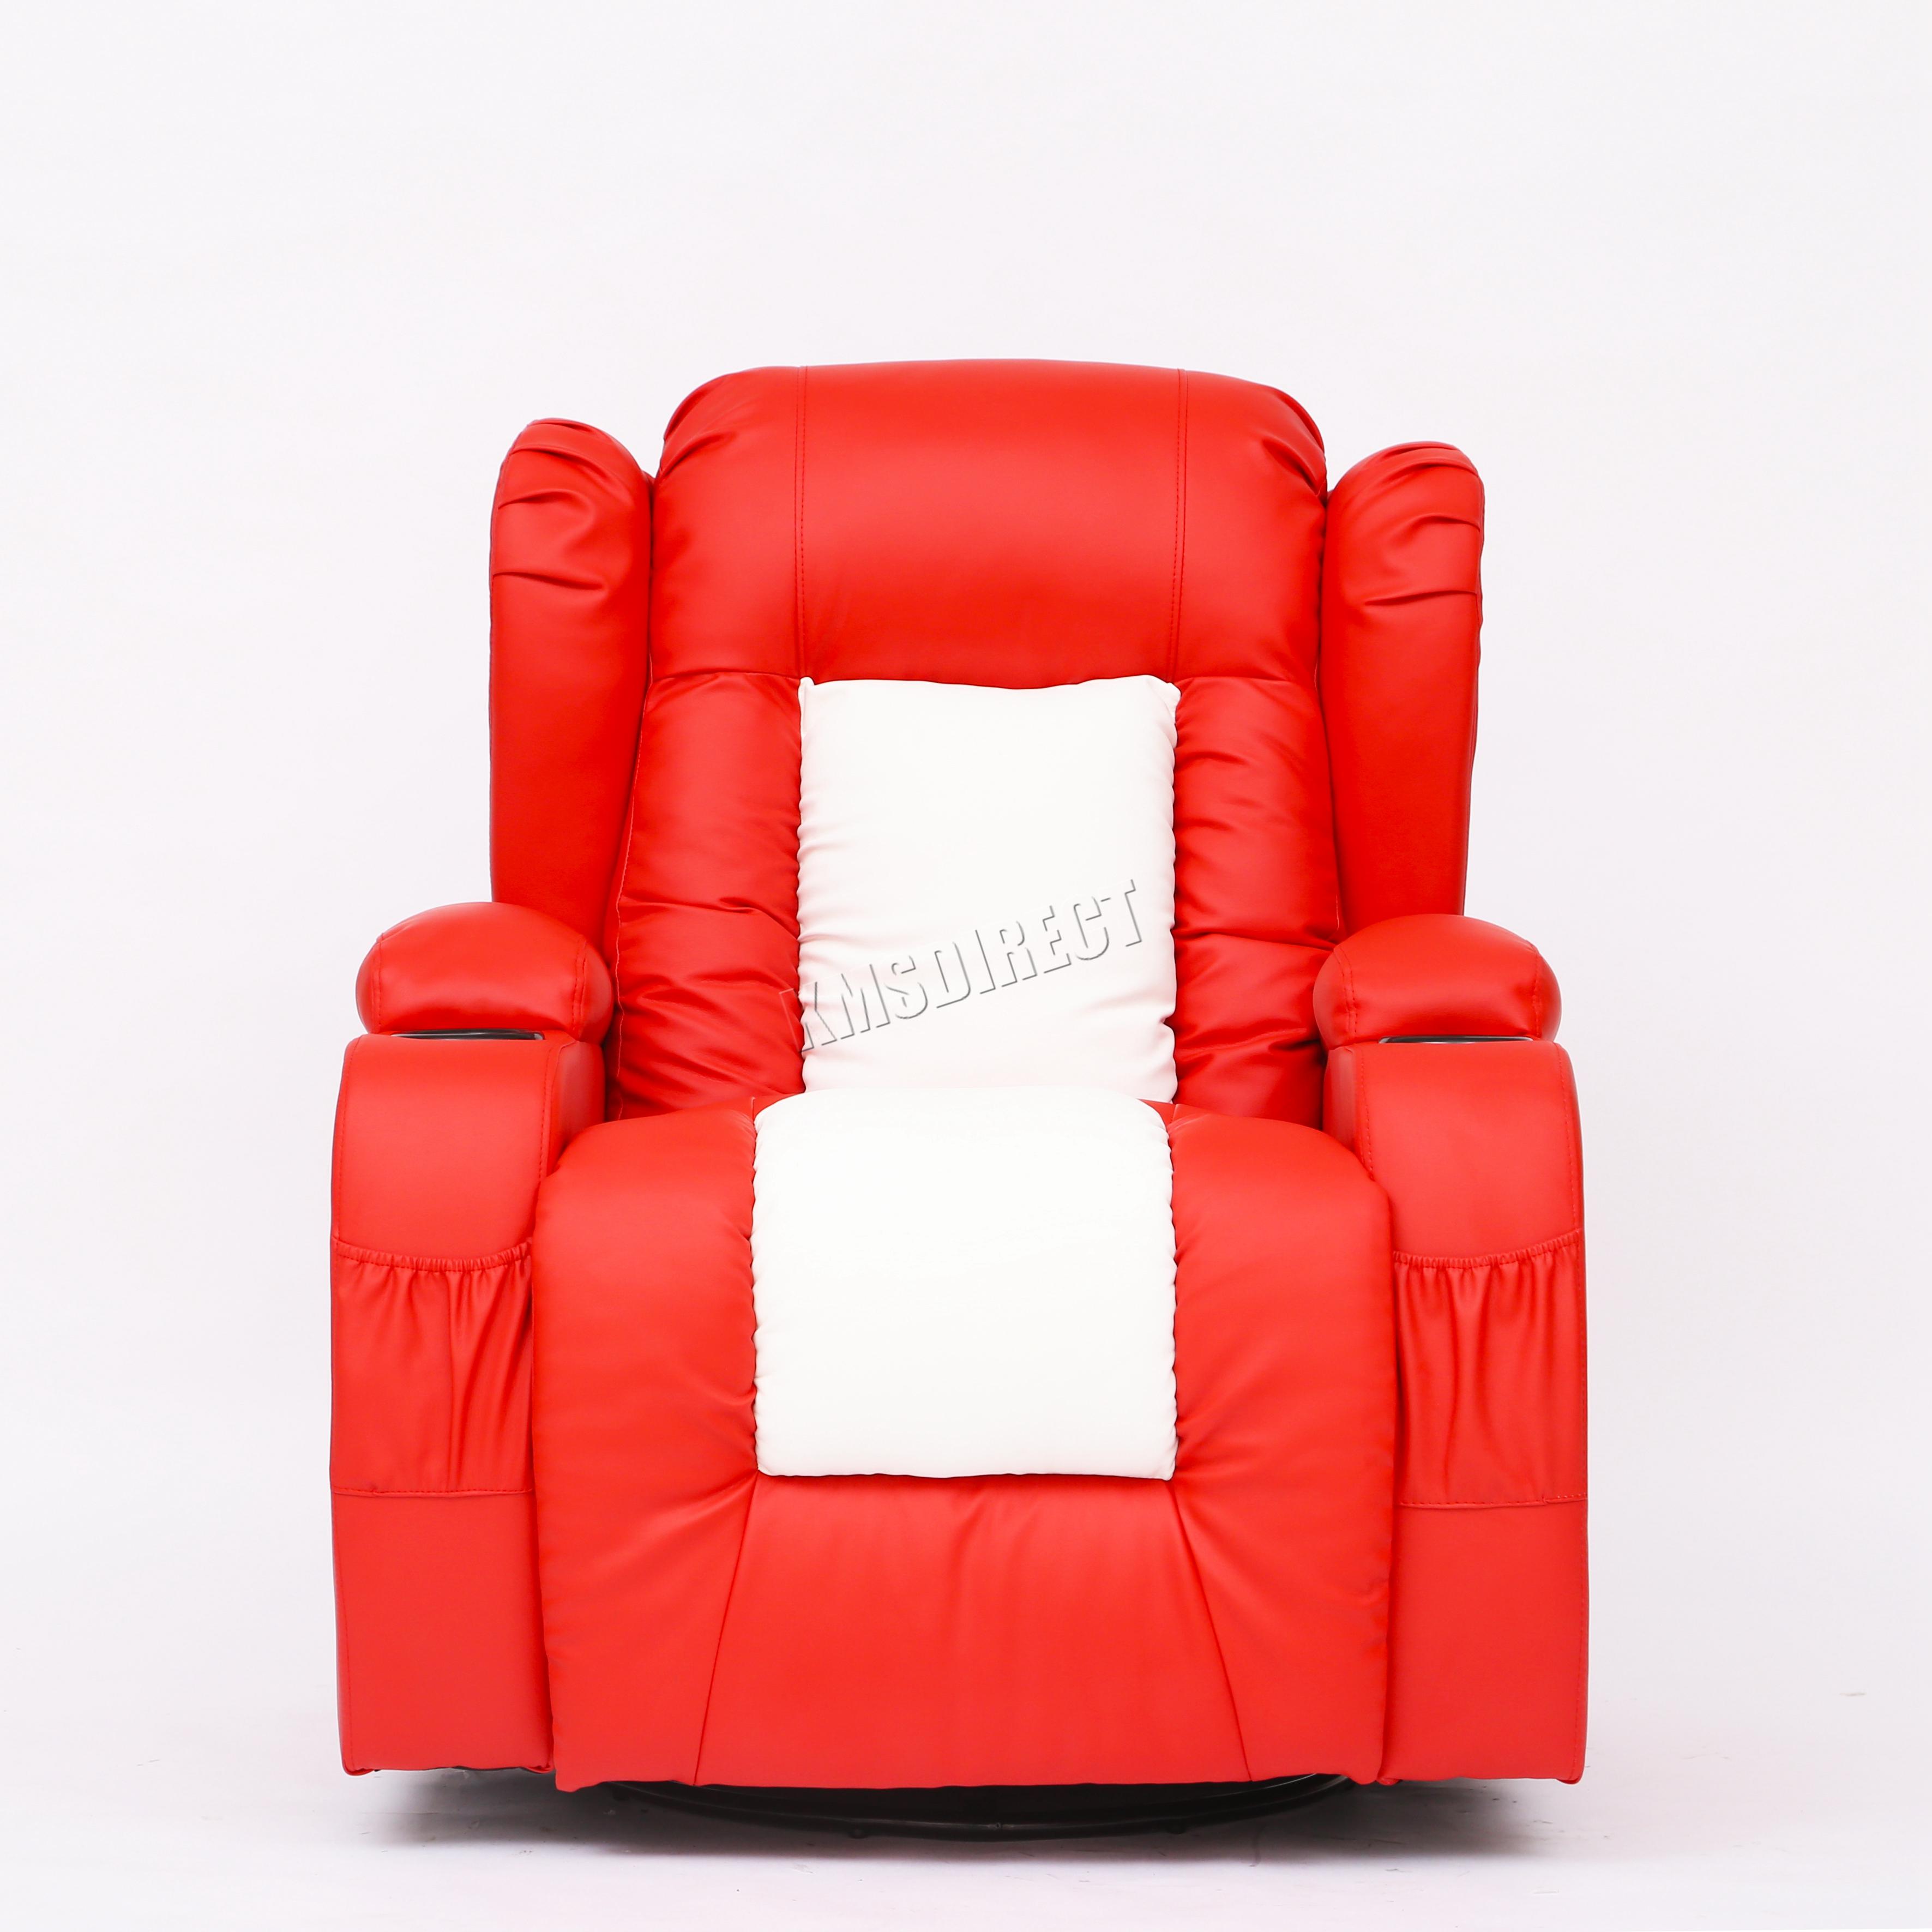 Riparo in pelle cinema massaggio divano reclinabile sedia for Divano a dondolo